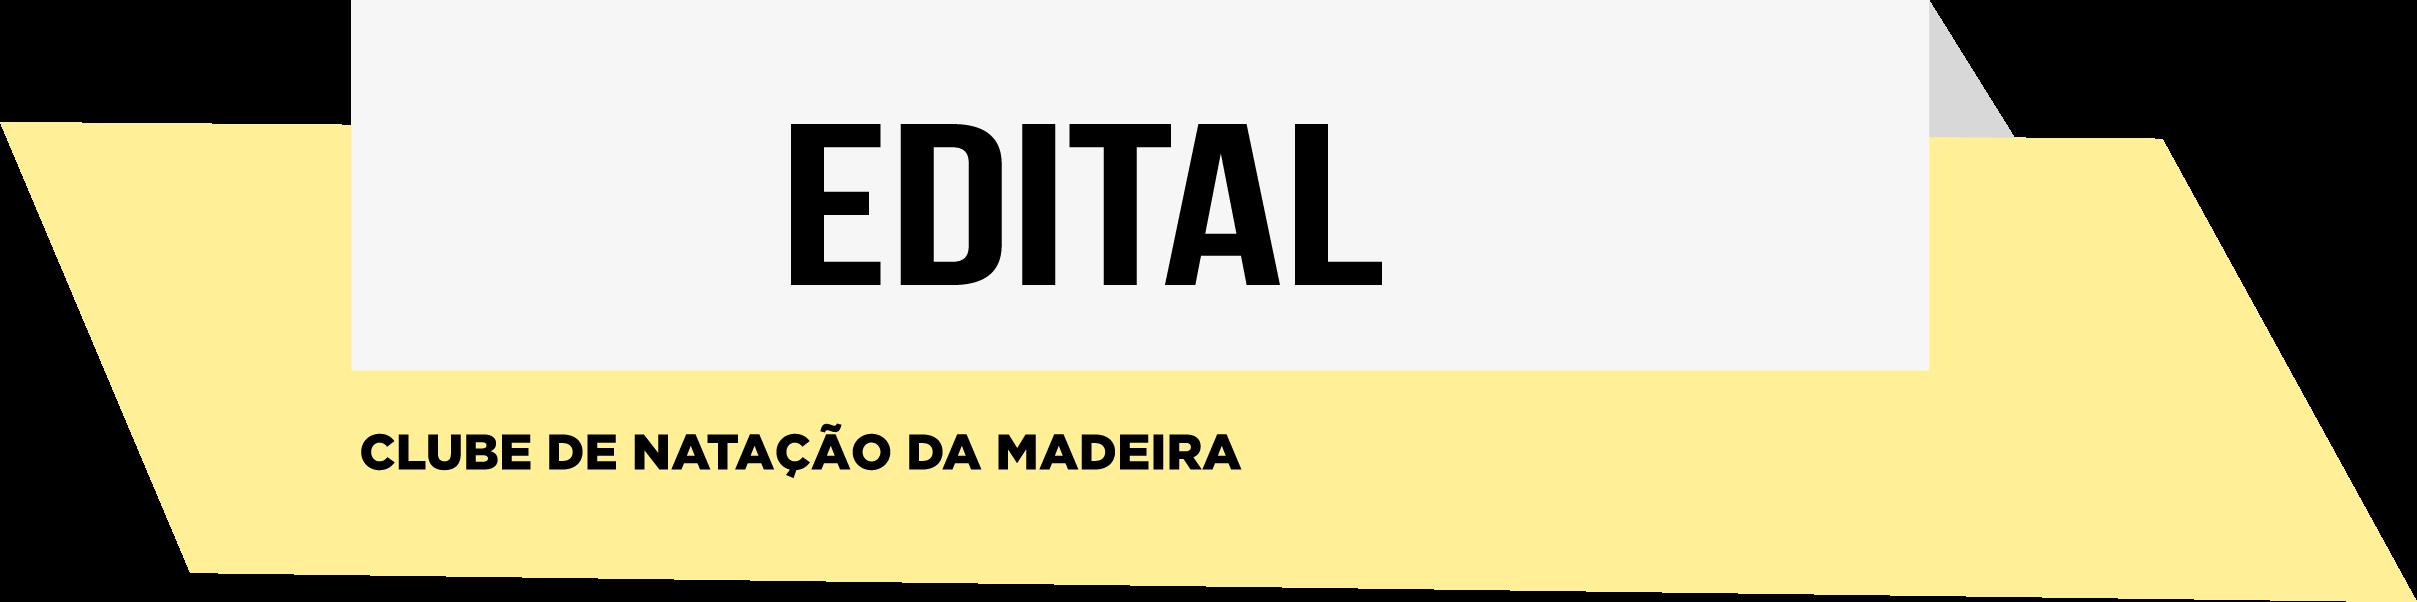 EDITAL- Clube de Natação da Madeira